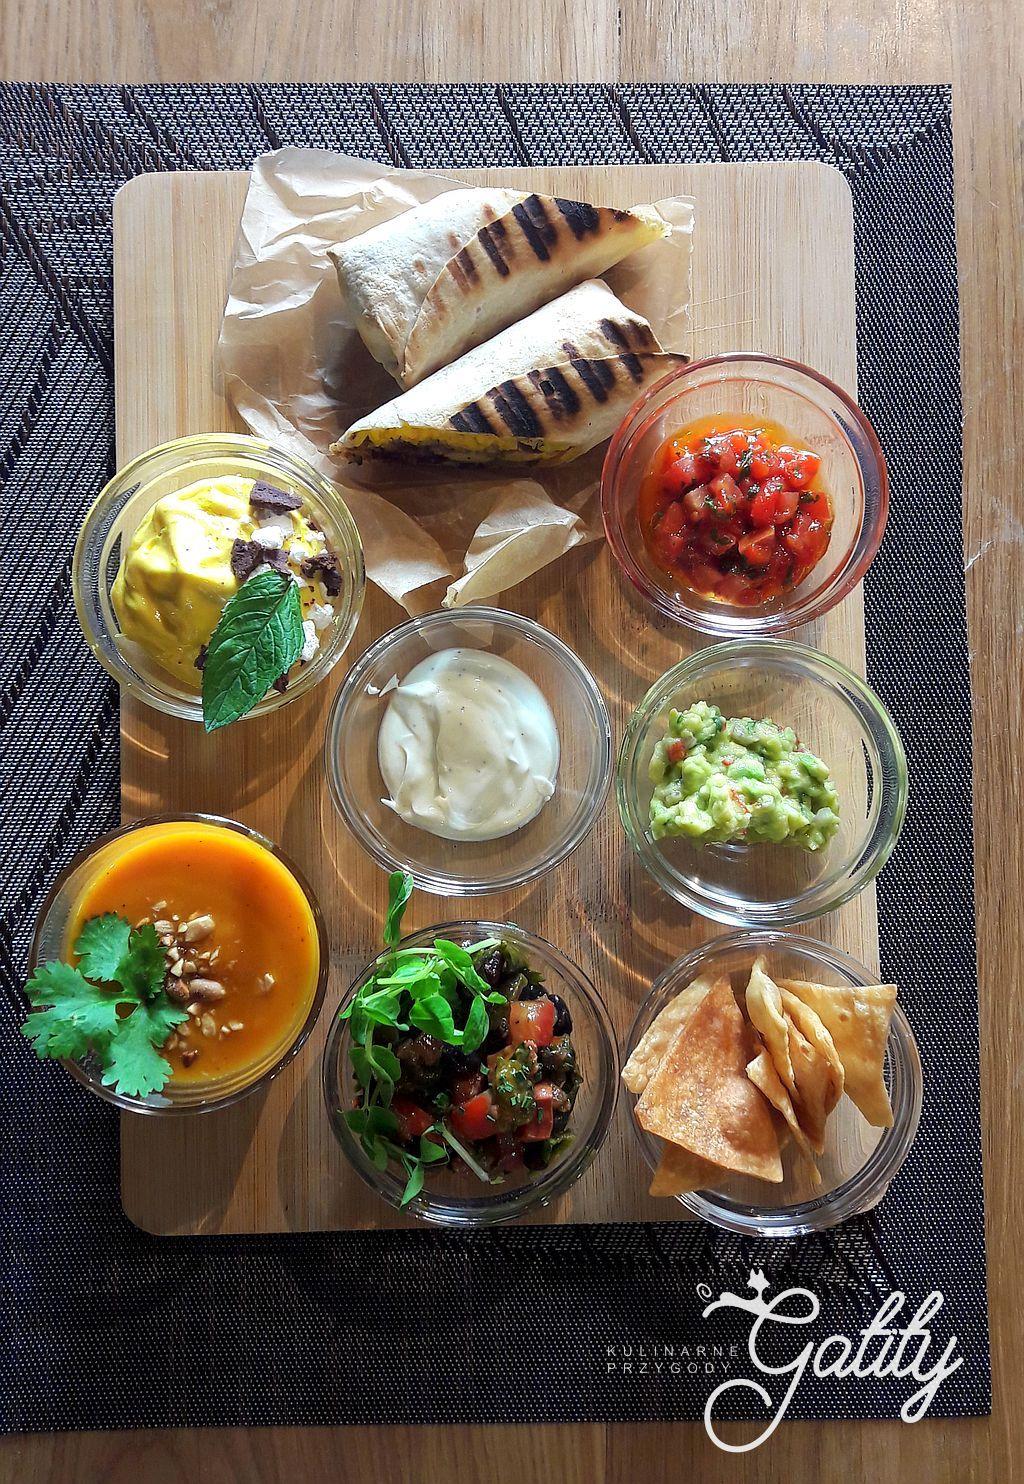 Kulinarne Przygody Gatity Przepisy Pelne Smaku The Plate Weekendowy Brunch Tex Mex Brunch Tex Mex Mex